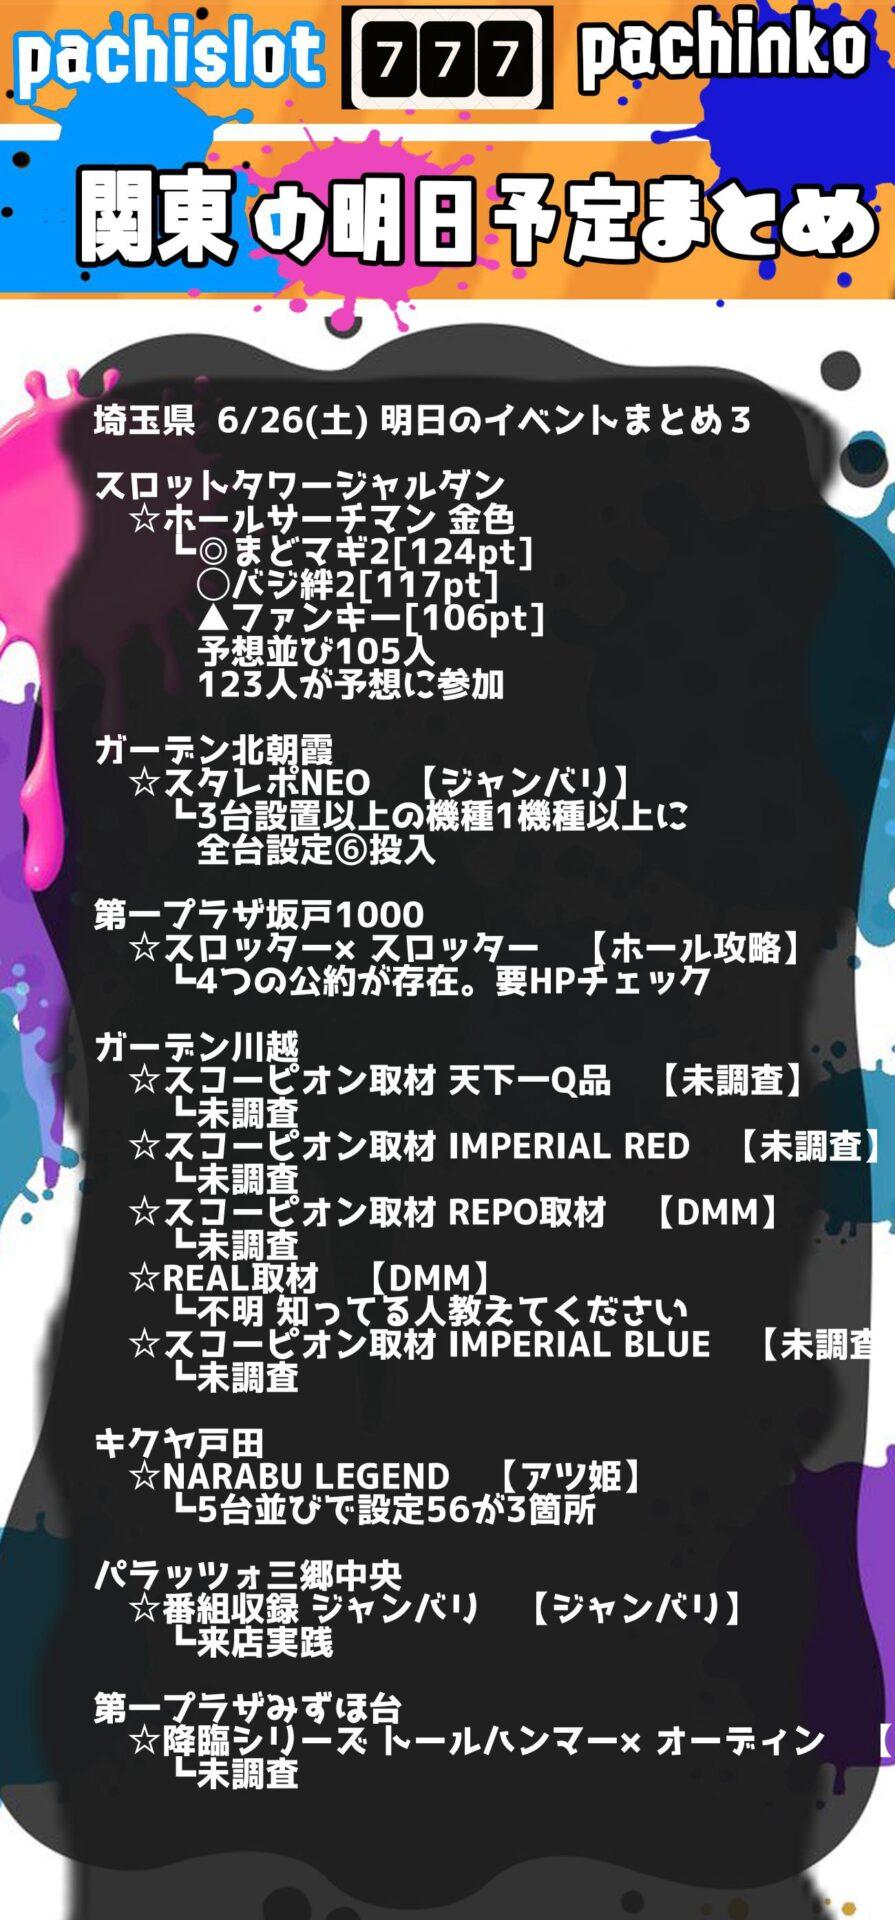 埼玉県_2021-06-26_パチンコ・パチスロ_イベント